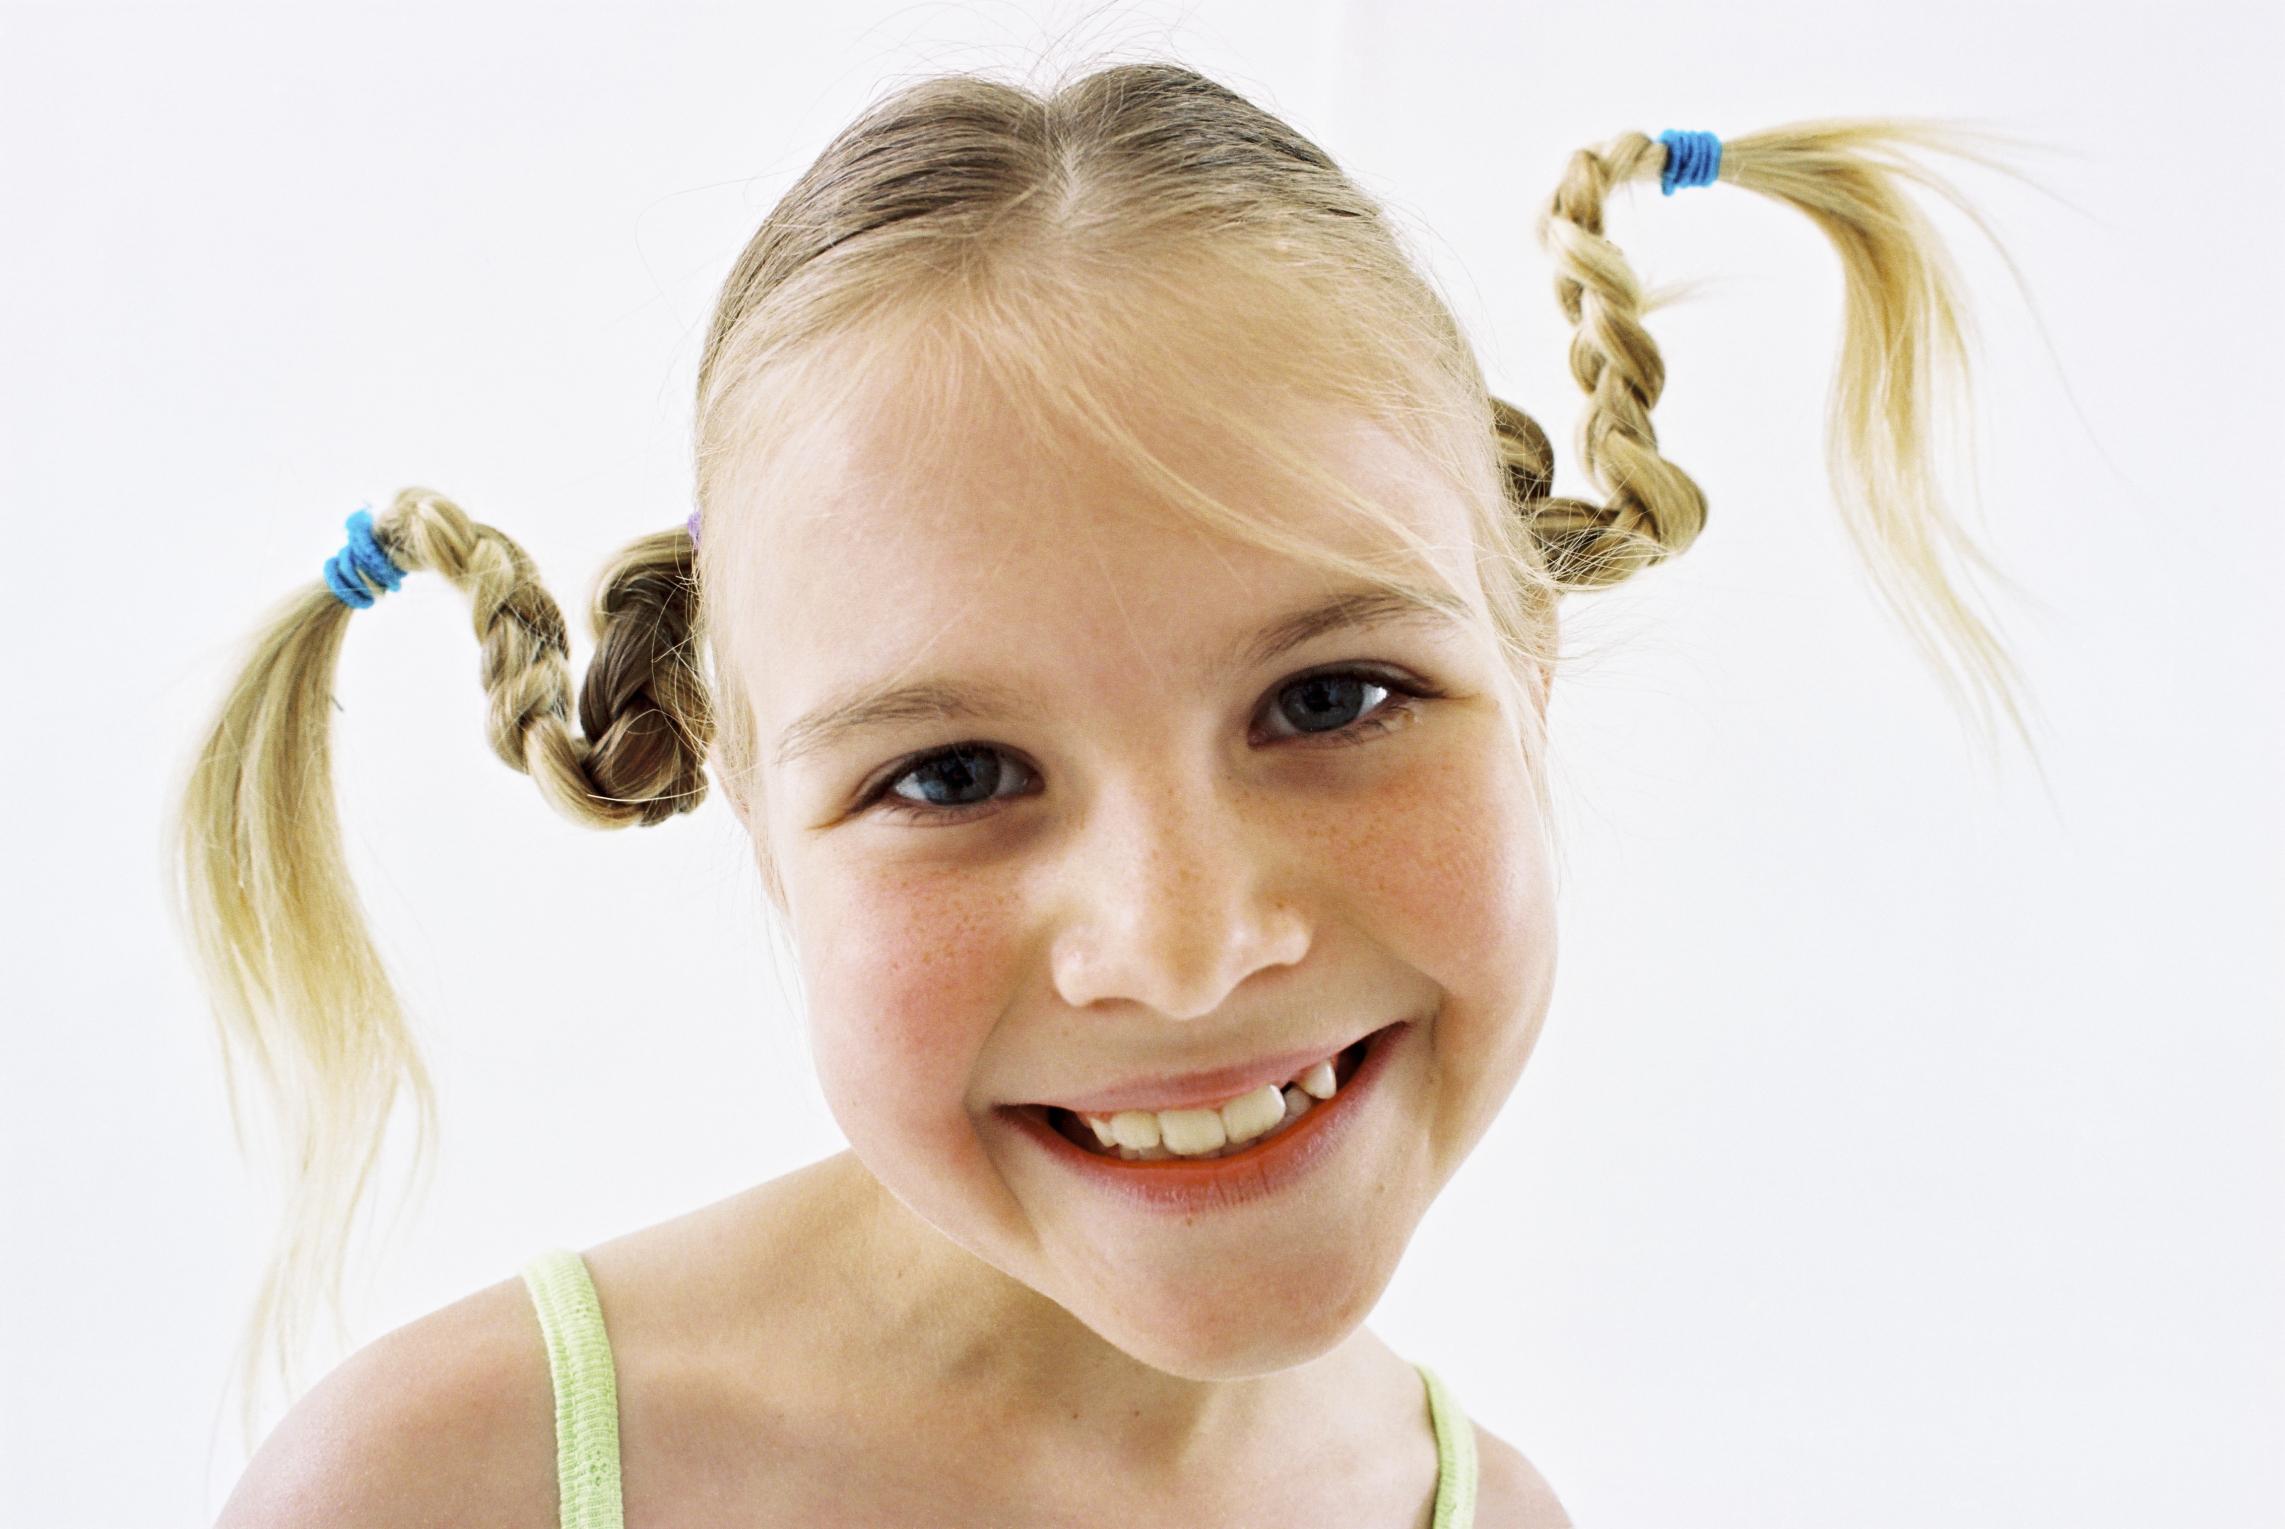 Como Hacer Peinados Locos Para Un Dia Del Pelo Loco En La Escuela